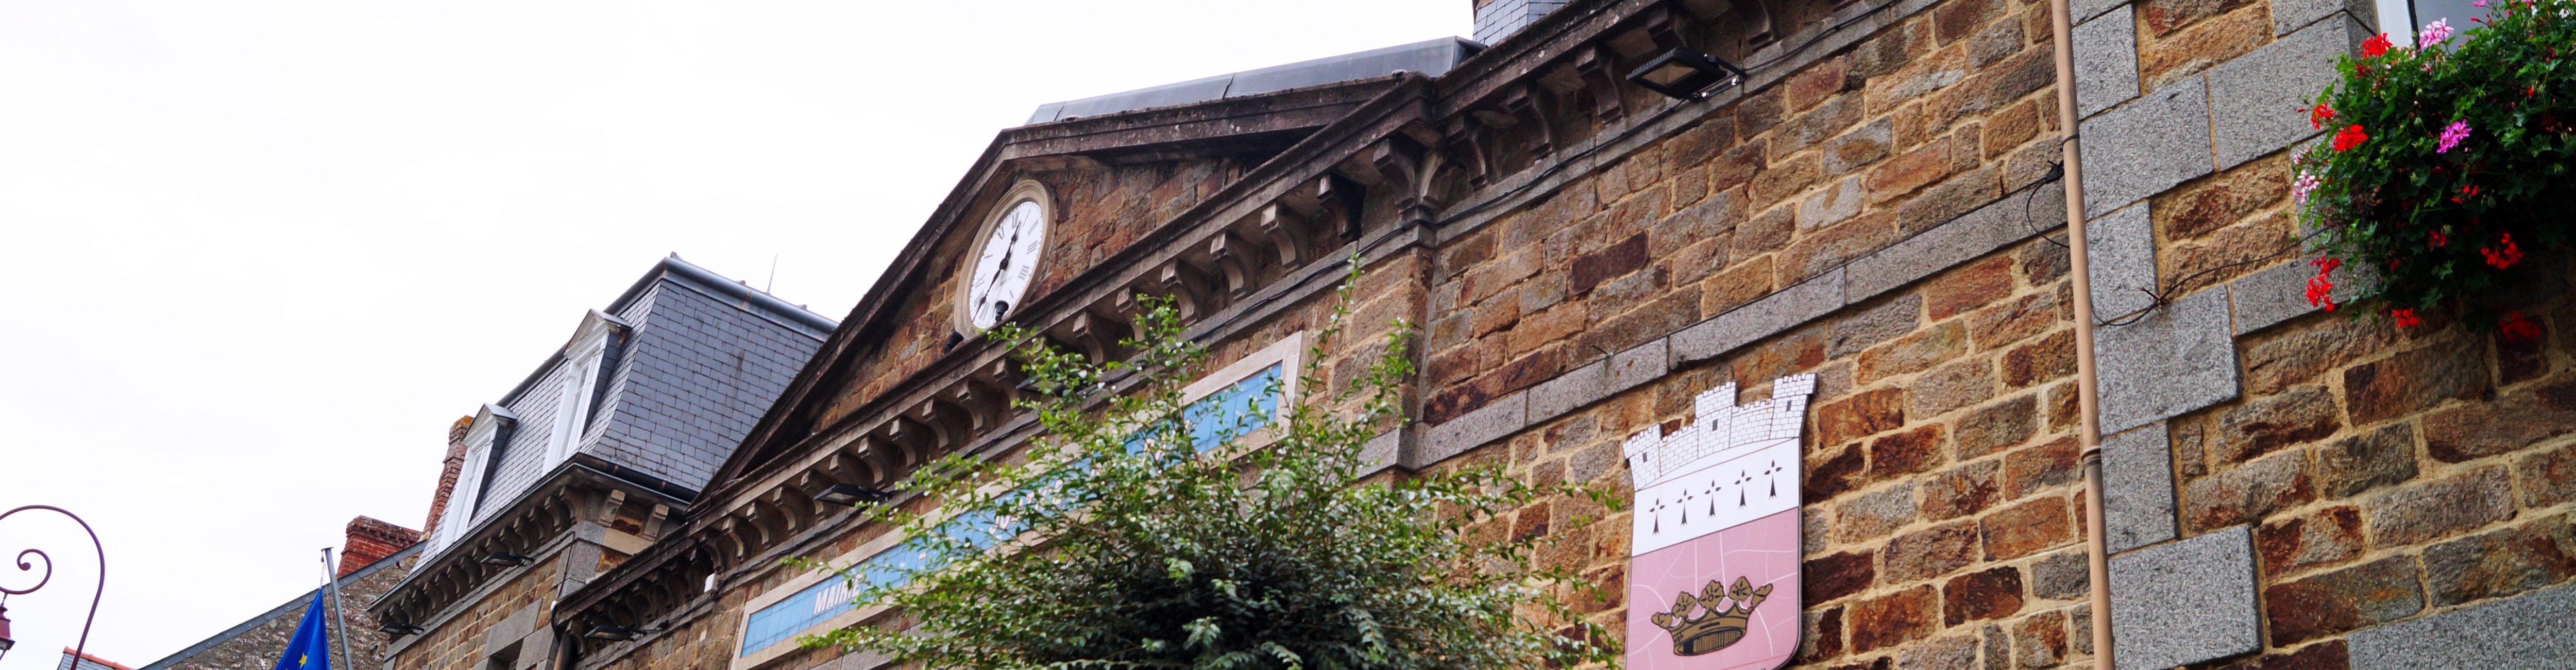 Mairie_Chateauneuf_d_ille_et_vilaine_Saint_Malo_00018